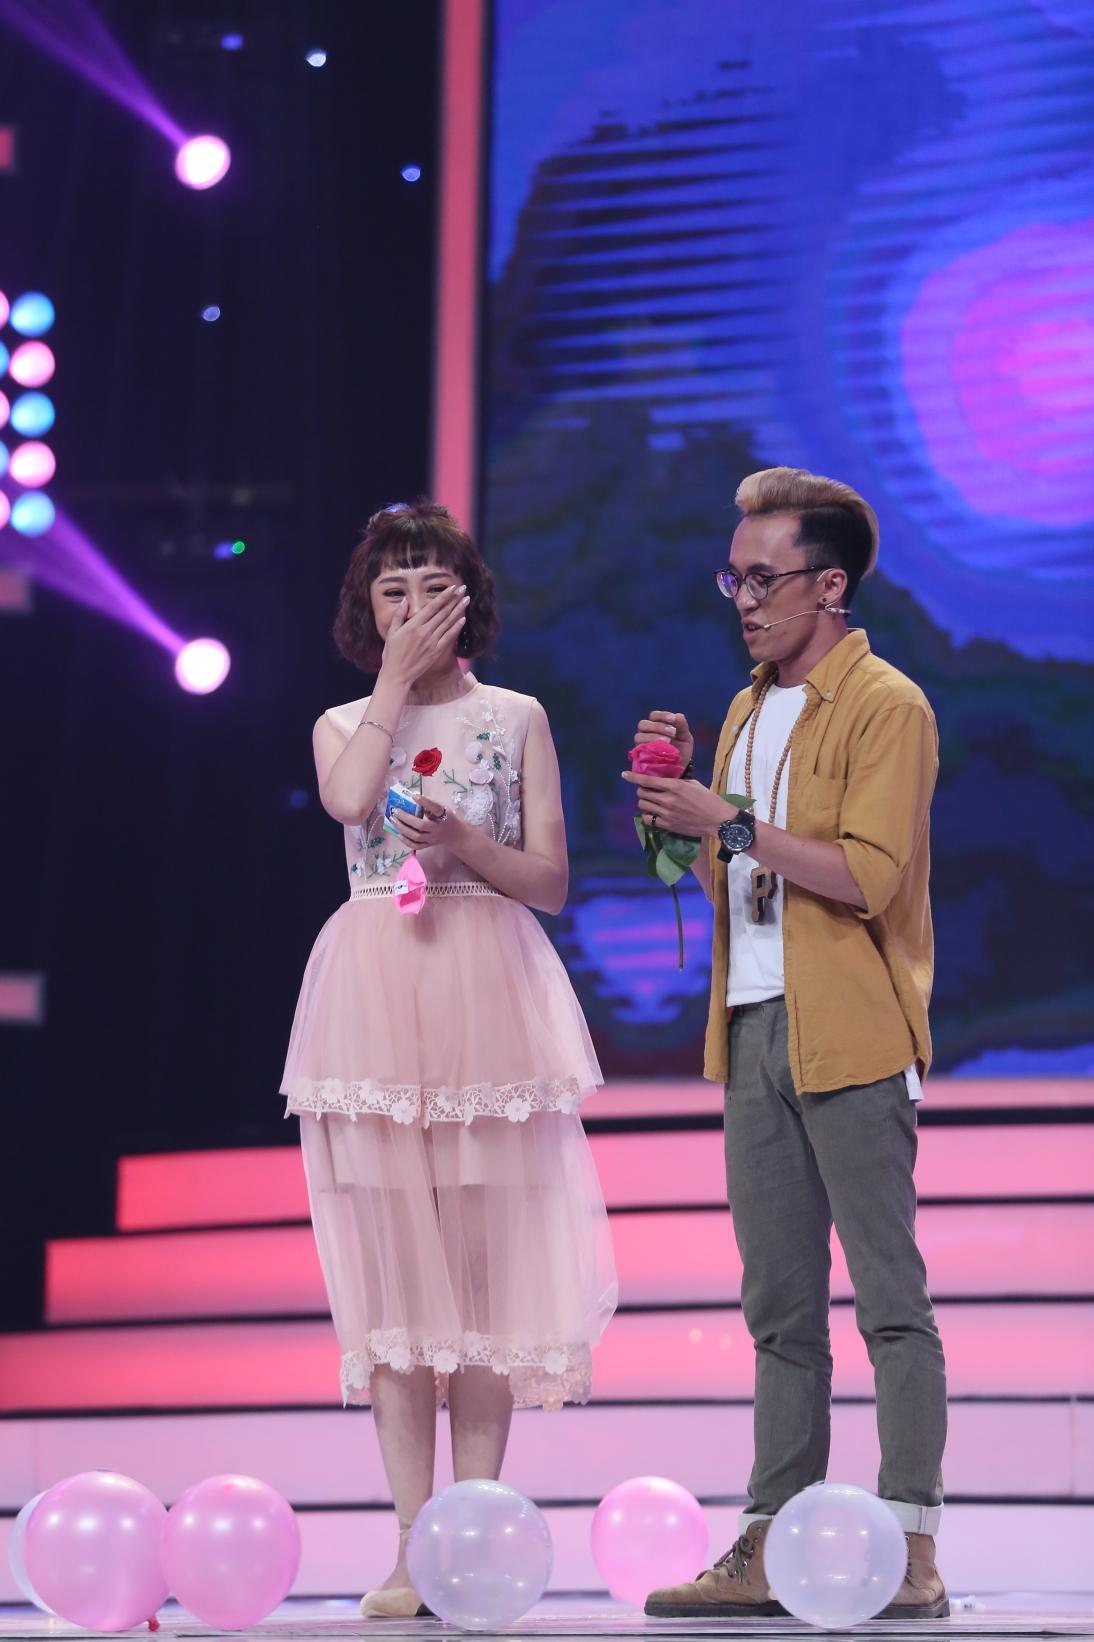 Vì yêu mà đến: Tường tận về người yêu, màn tỏ tình của chàng trai Thái Nguyên khiến dàn hot girl đồng loạt rơi nước mắt-9